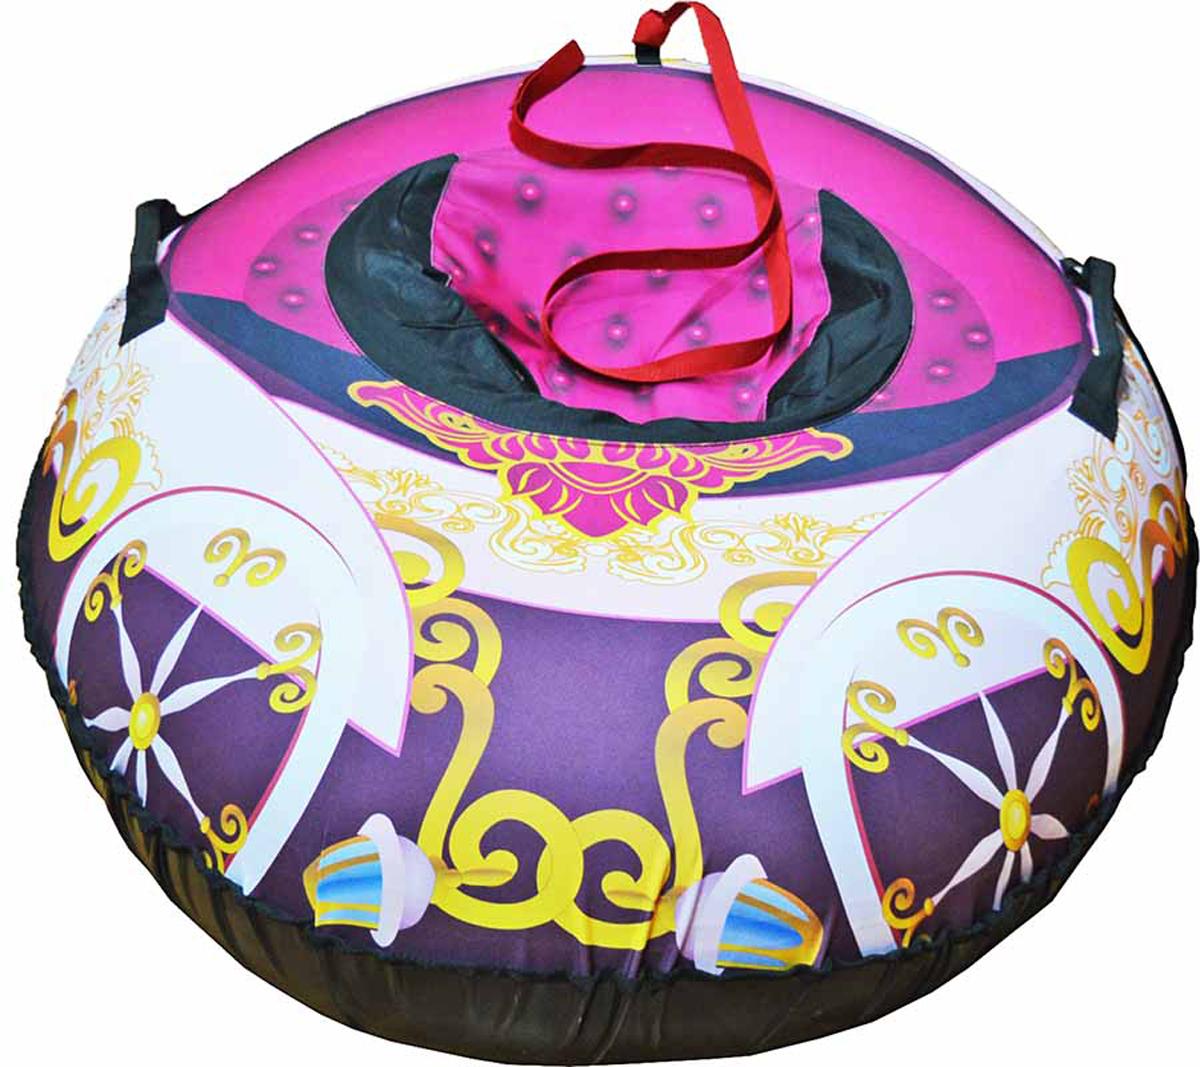 Санки-ватрушка FormulaZima Карета, 110 х 80 см55025Надувные санки — тюбинг в виде кареты. Санки овальной формы, с ярким рисунком в виде кареты на верхней части.